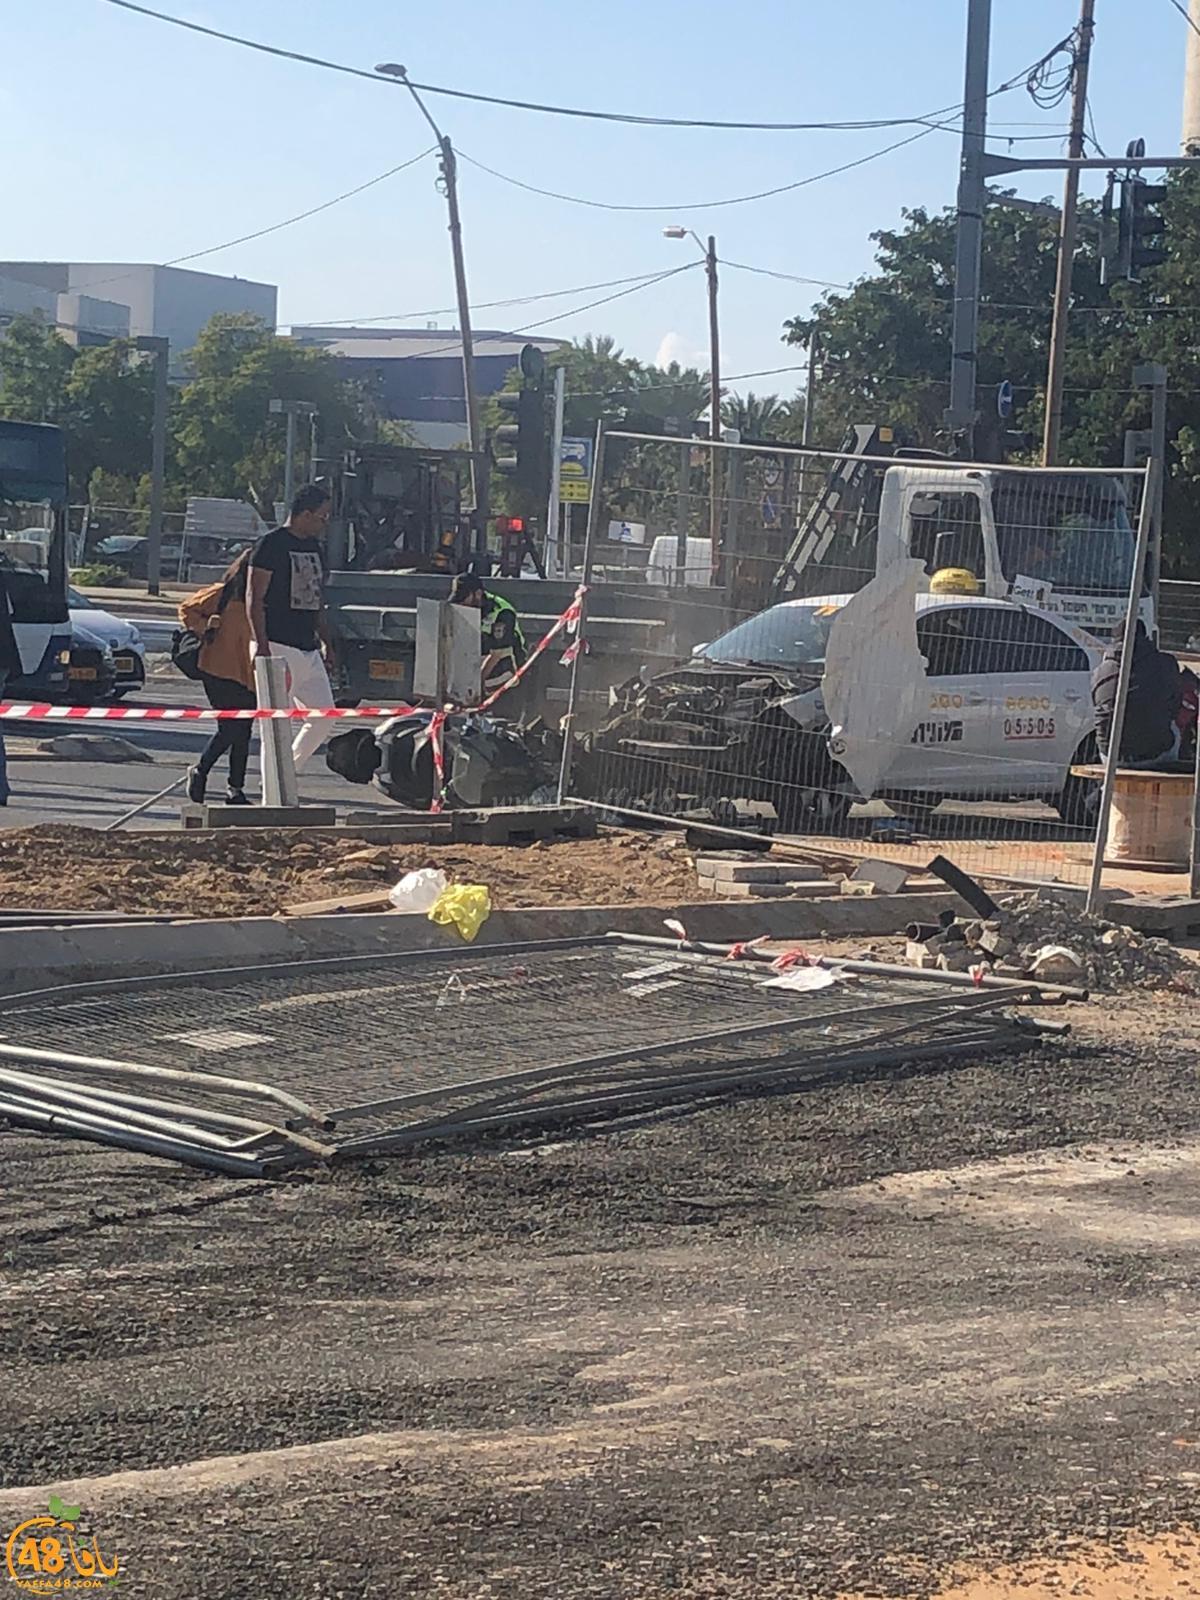 يافا: إصابة متوسطة لراكب دراجة نارية بحادث طرق